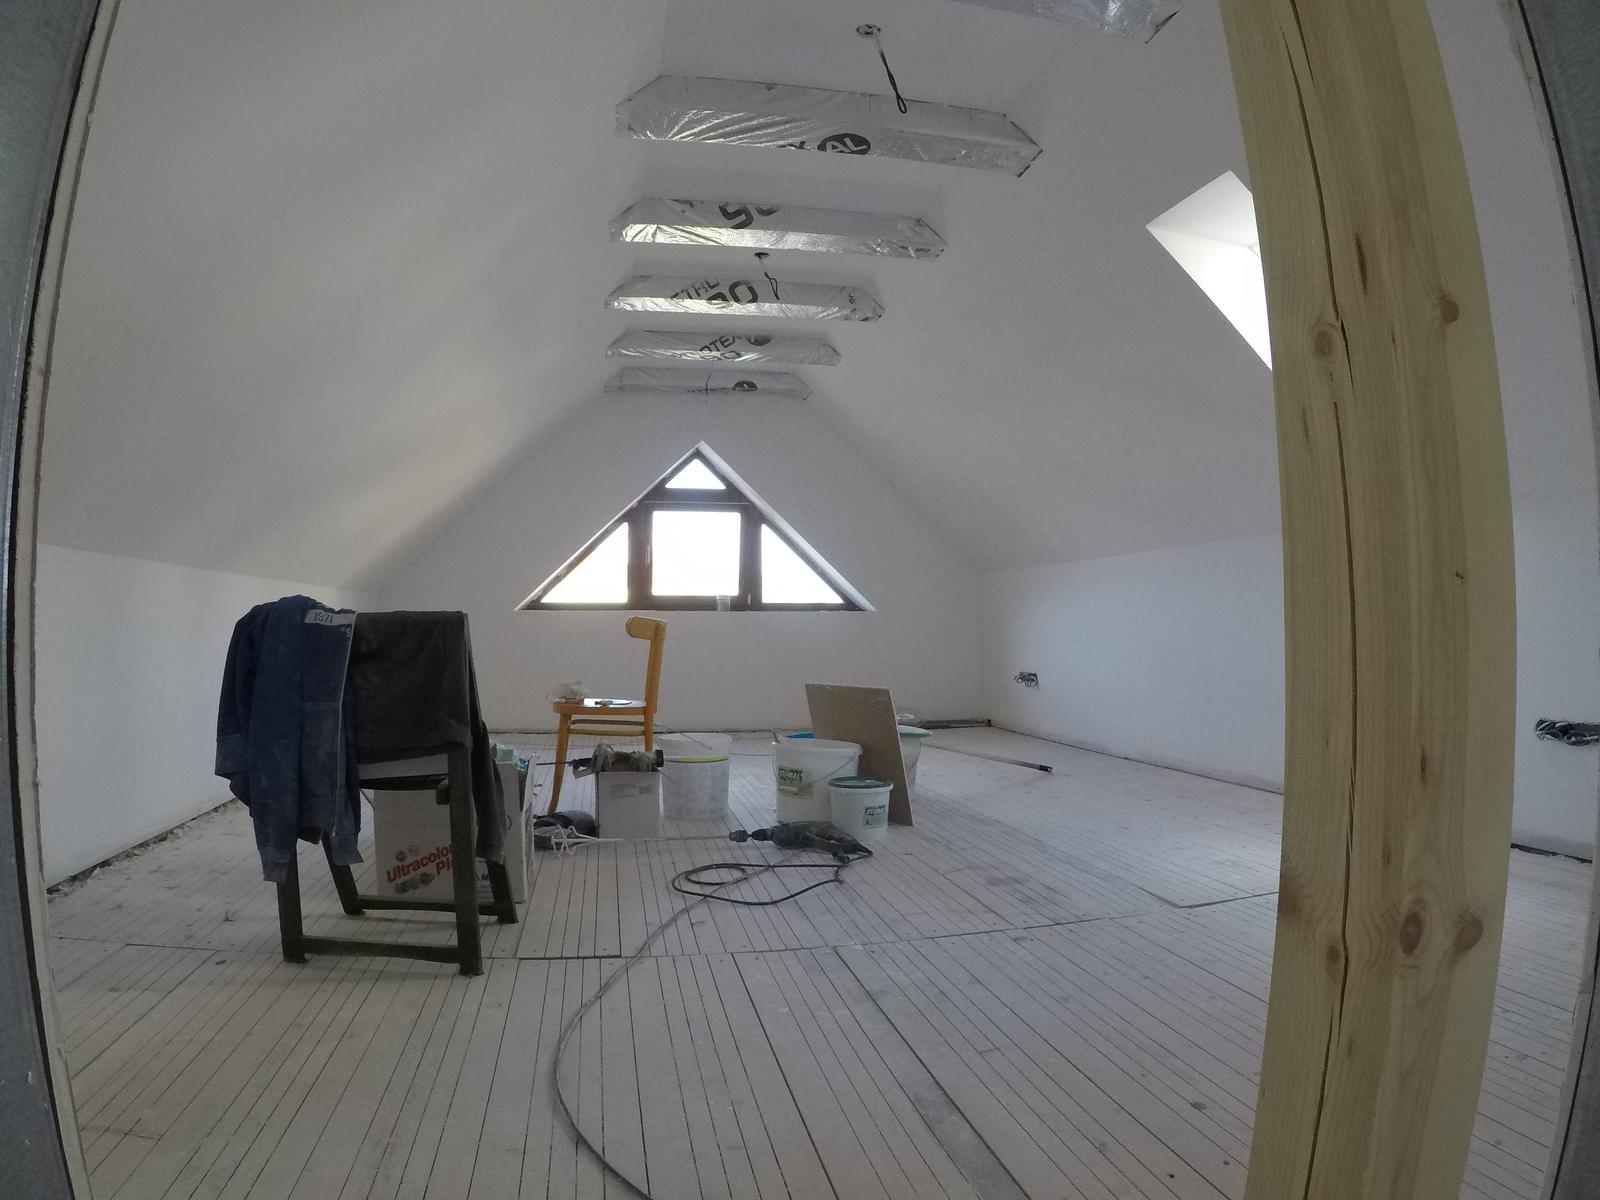 Rekonstrukcia podkrovia - Obrázok č. 26